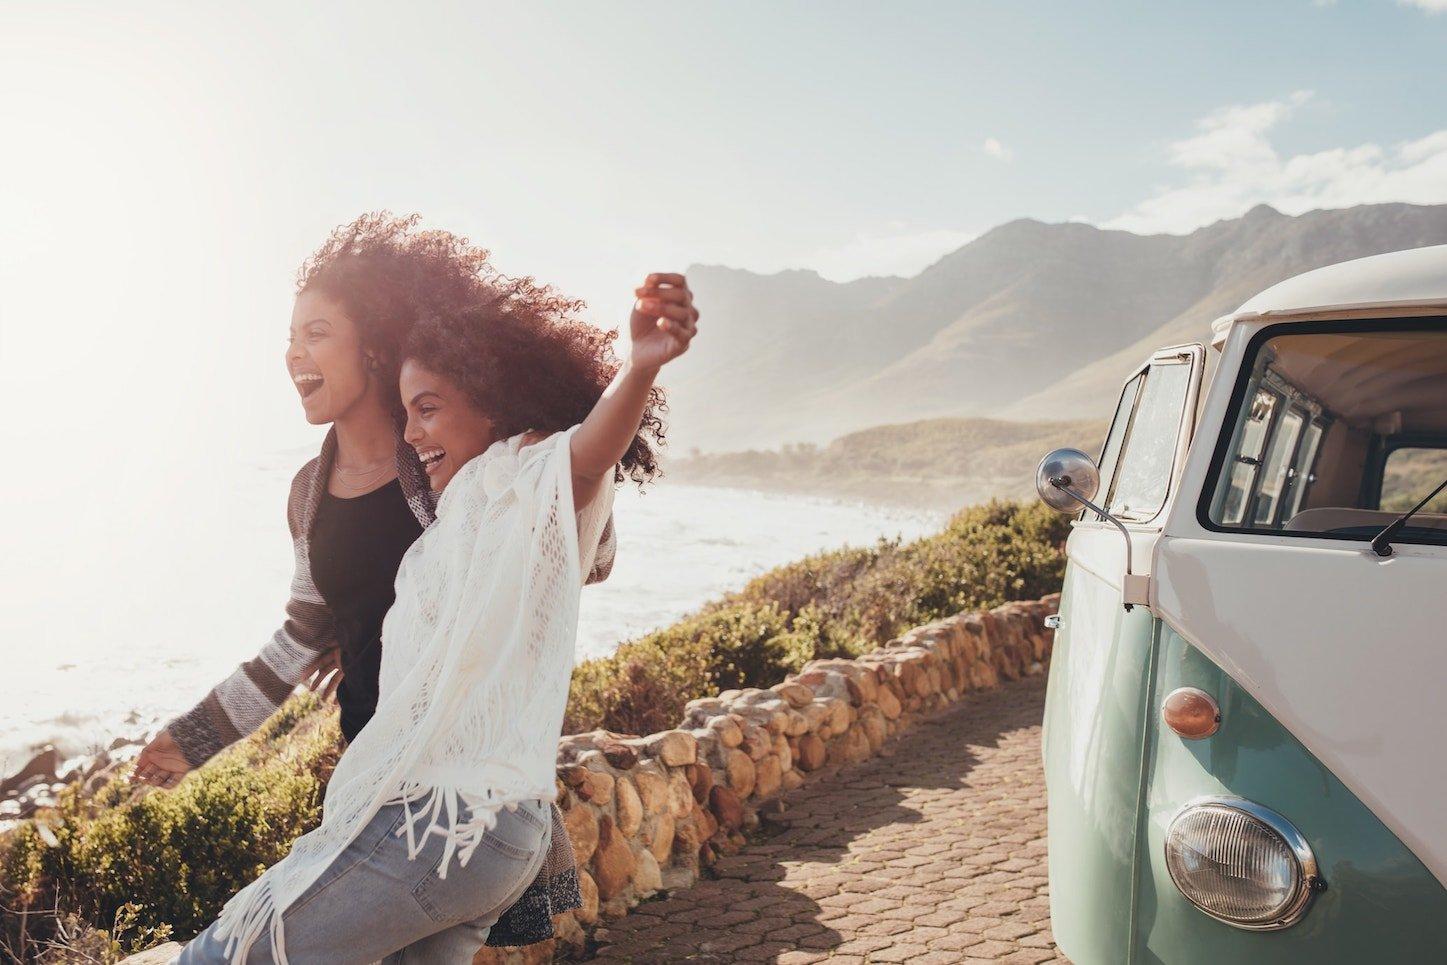 Vakantie tip: maak een roadtrip door Europa | Route uitstippelen